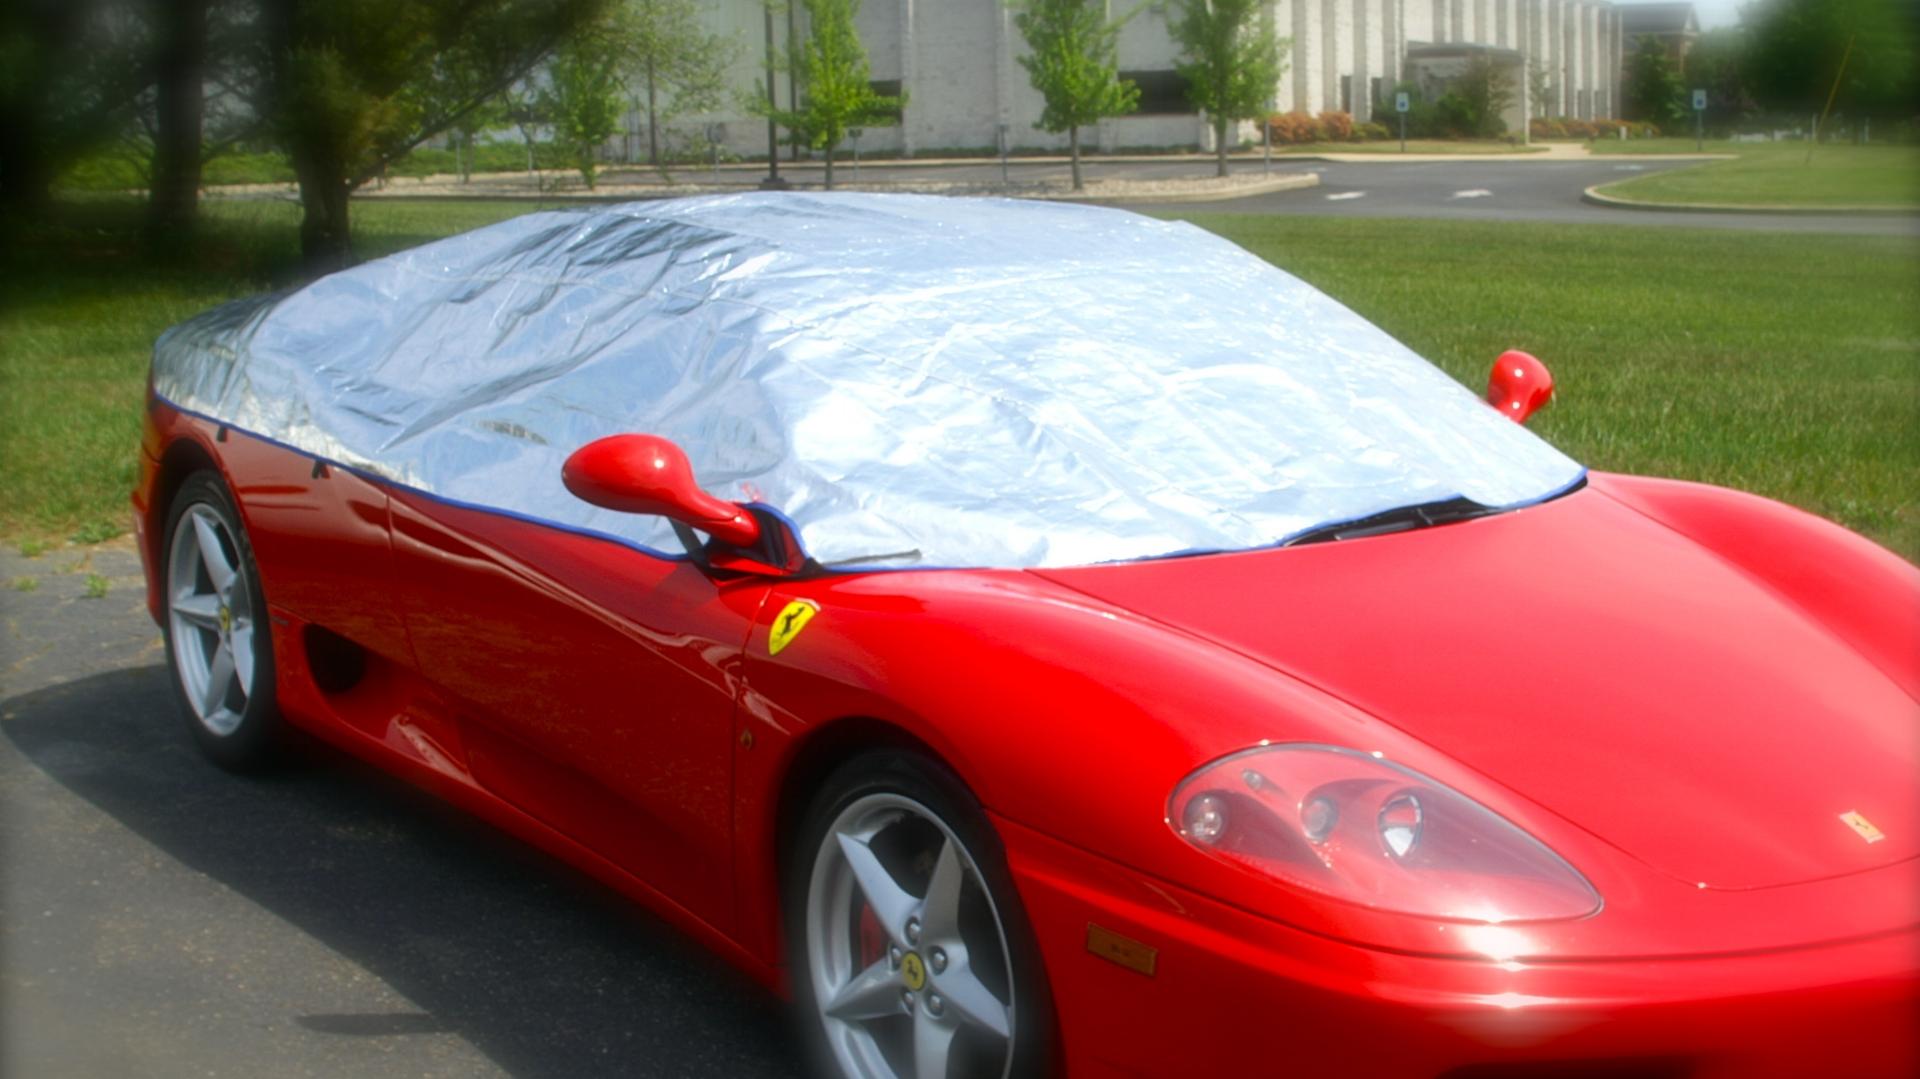 Standard_Ferrari PICT0696.JPG